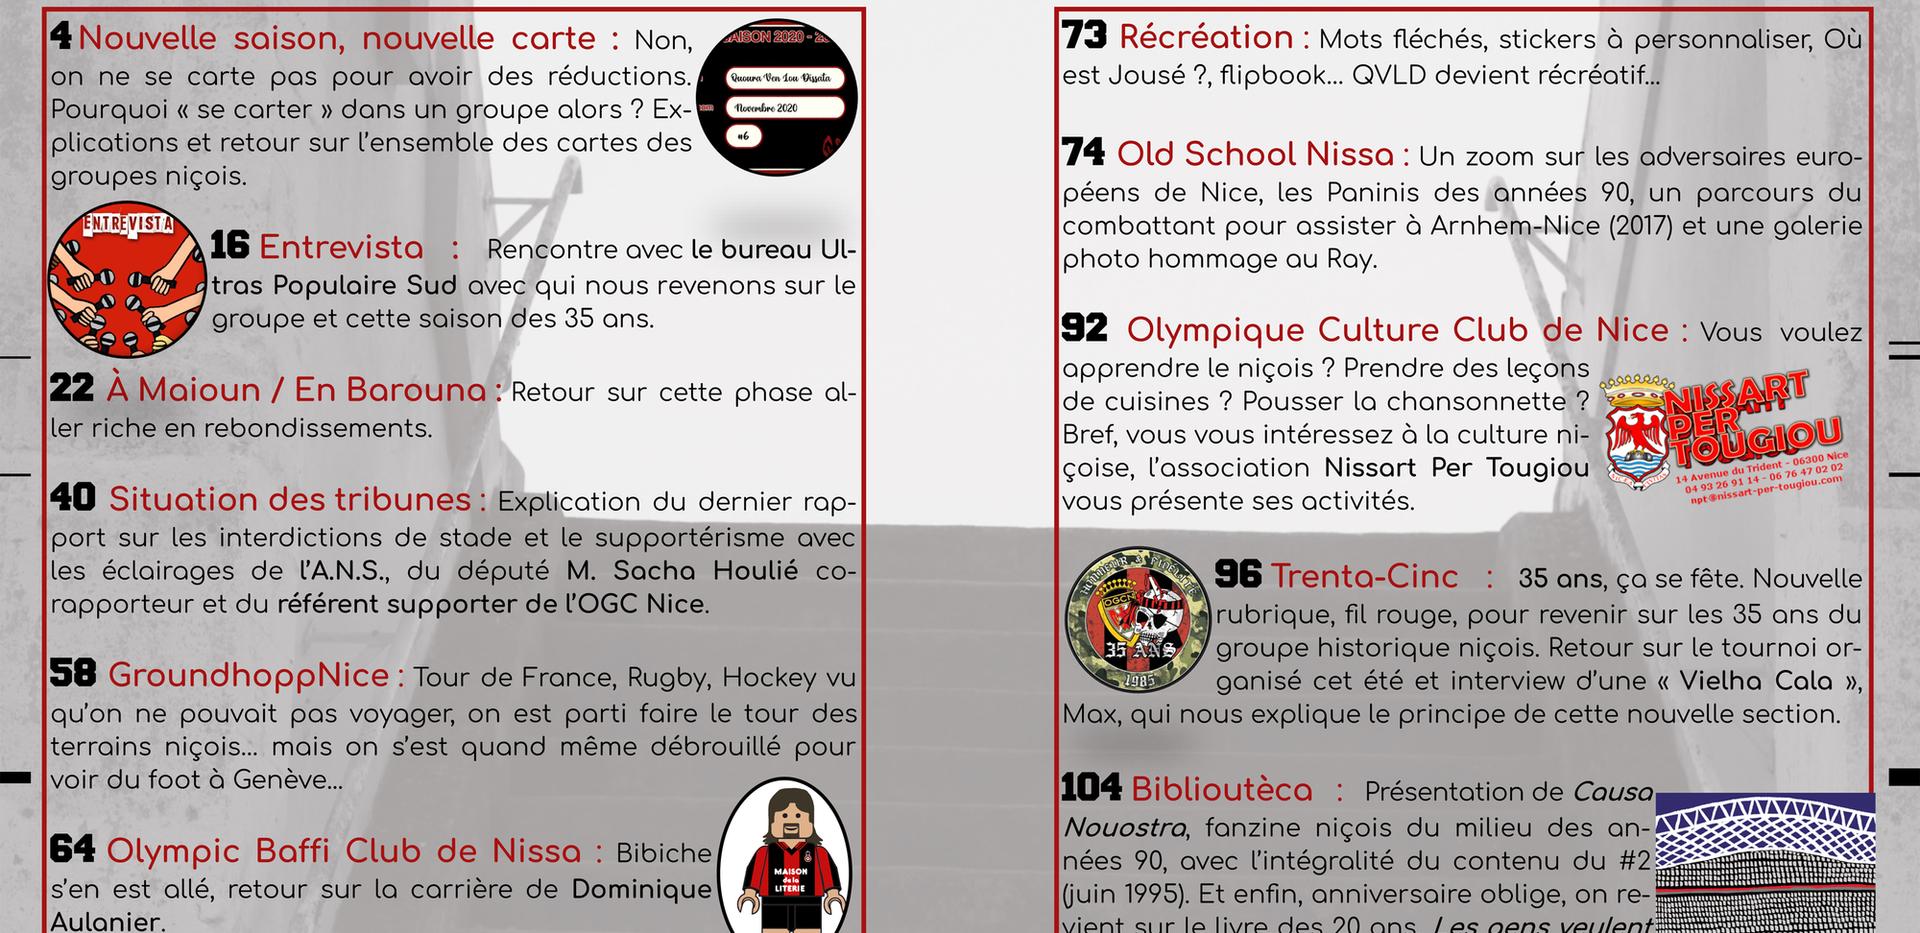 Sommaire QVLD #6